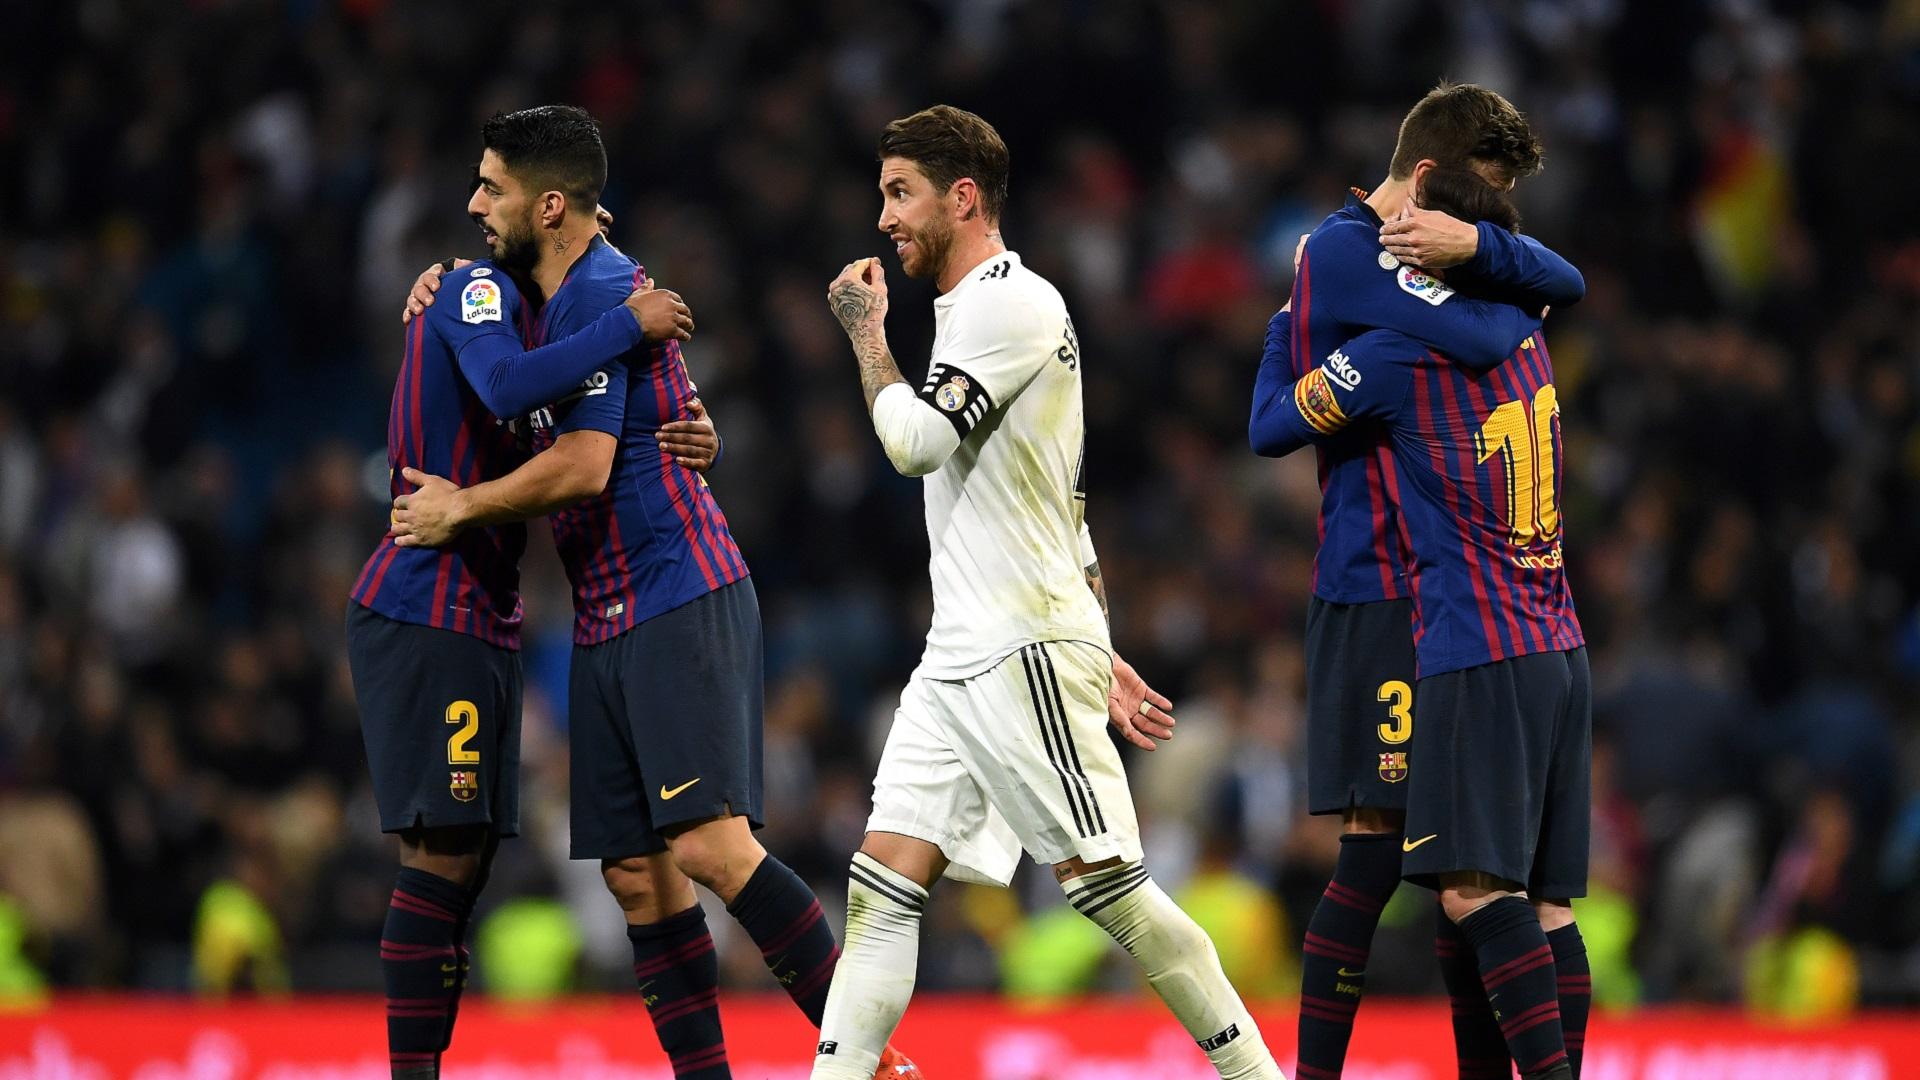 Liga - Les dates des deux Clasico Real Madrid-Barcelone sont connues pour la saison 2019-2020